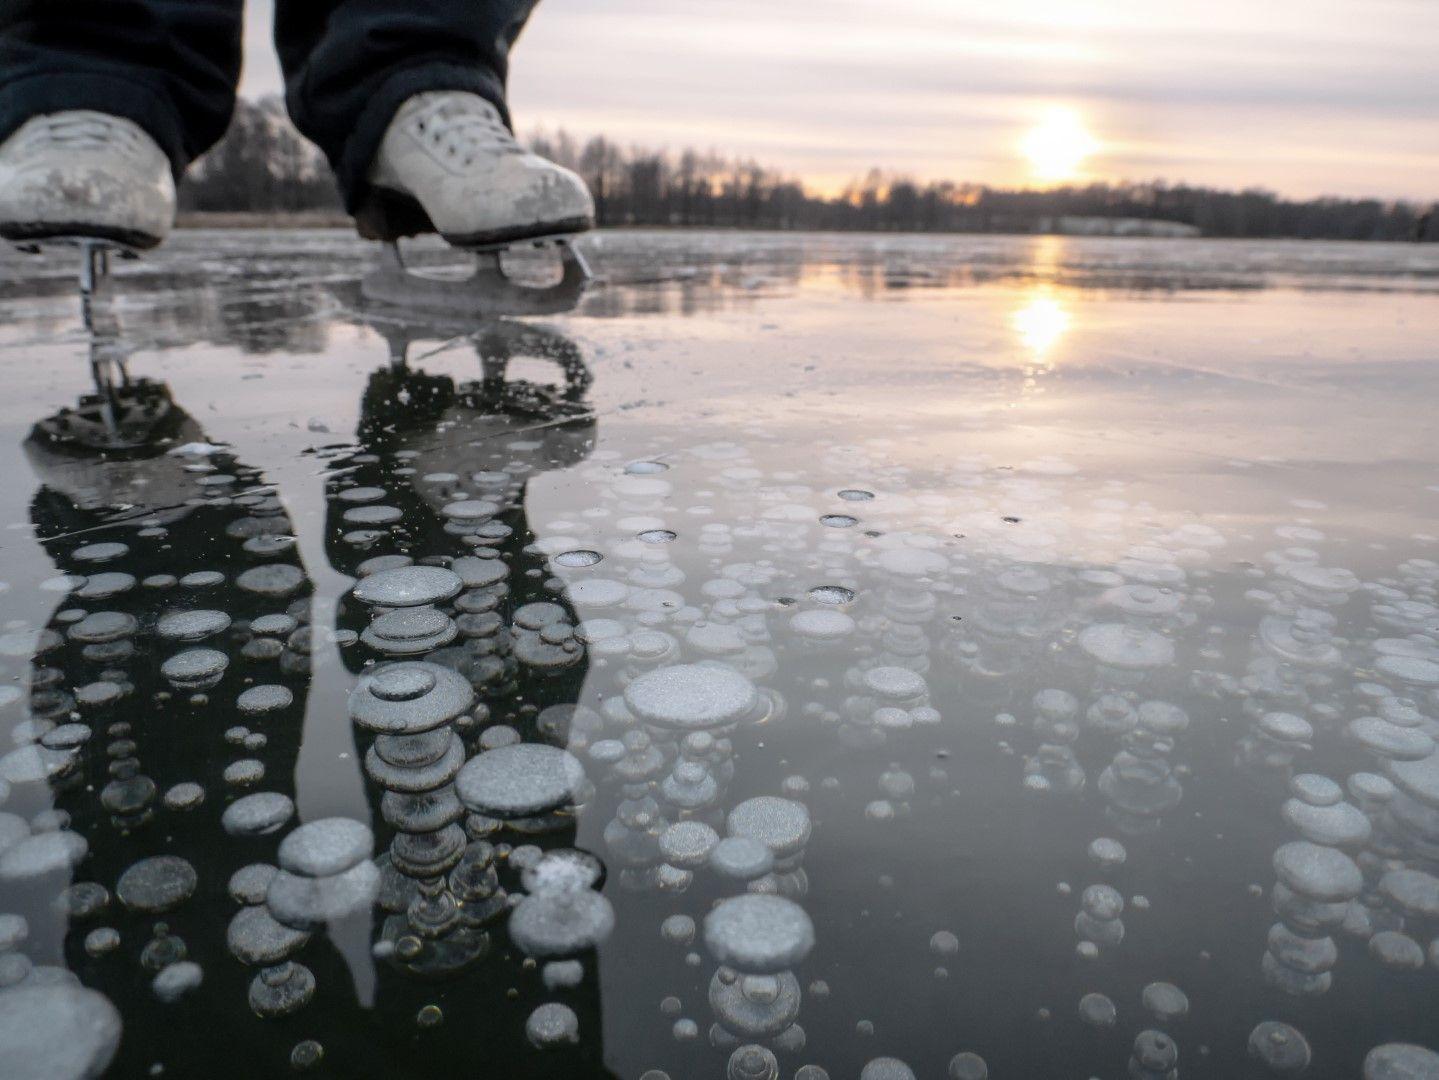 Мехурчета метан се виждат в прозрачния лед на езерото Байкал